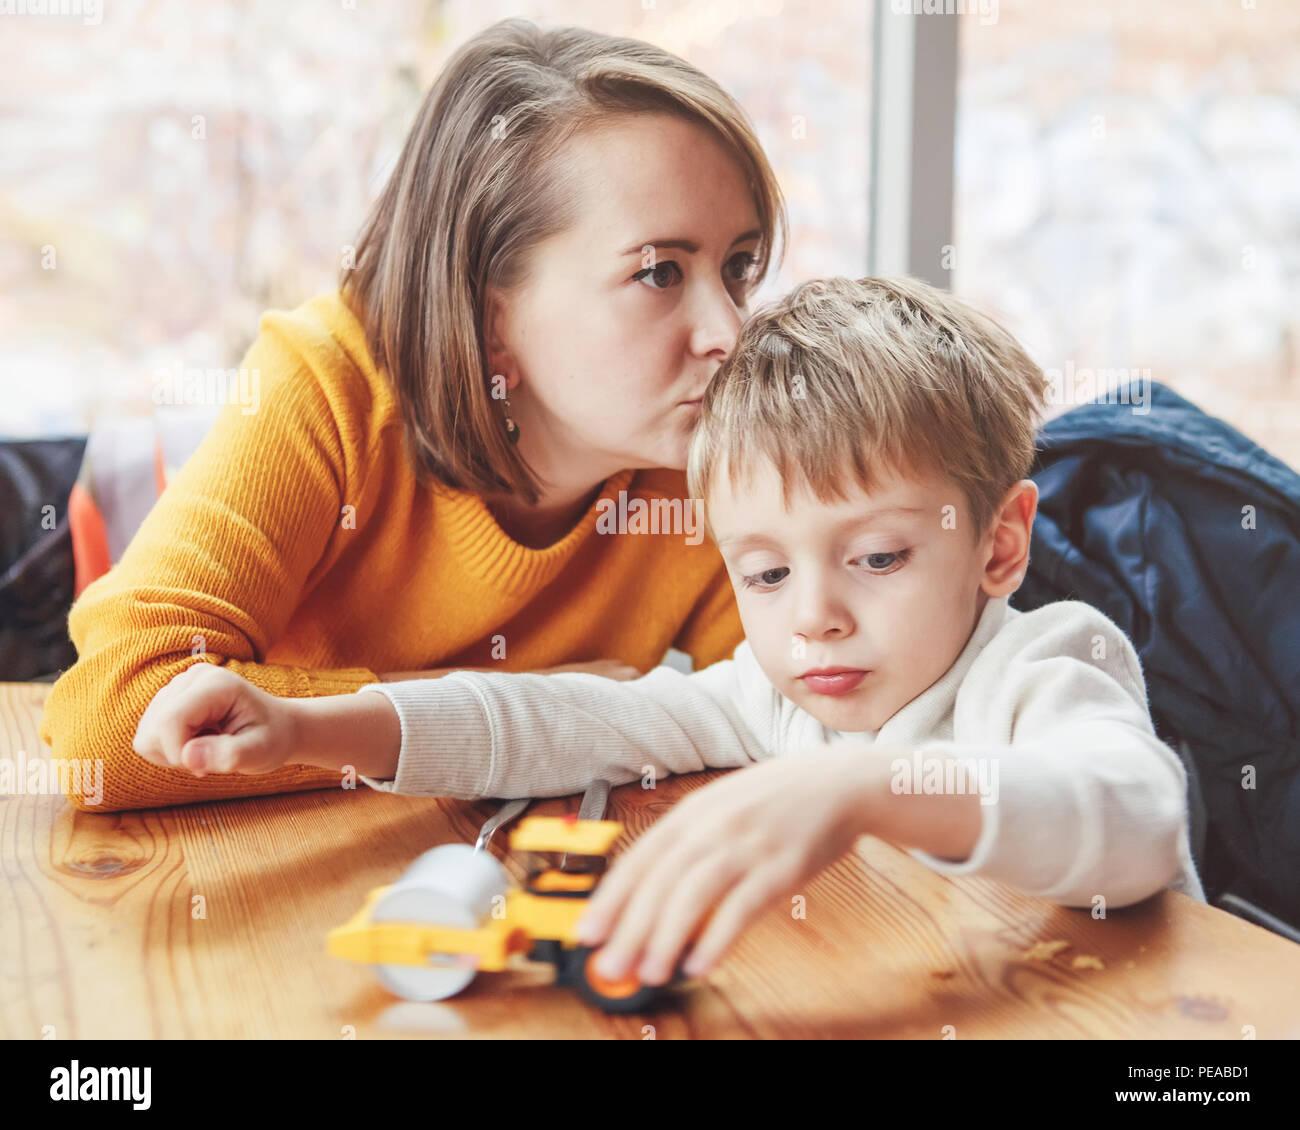 Retrato de familia feliz caucásicos blancos, la madre y el hijo, sentado en el restaurante café en la mesa, besos jugando con coches de juguete, el auténtico estilo de vida Imagen De Stock